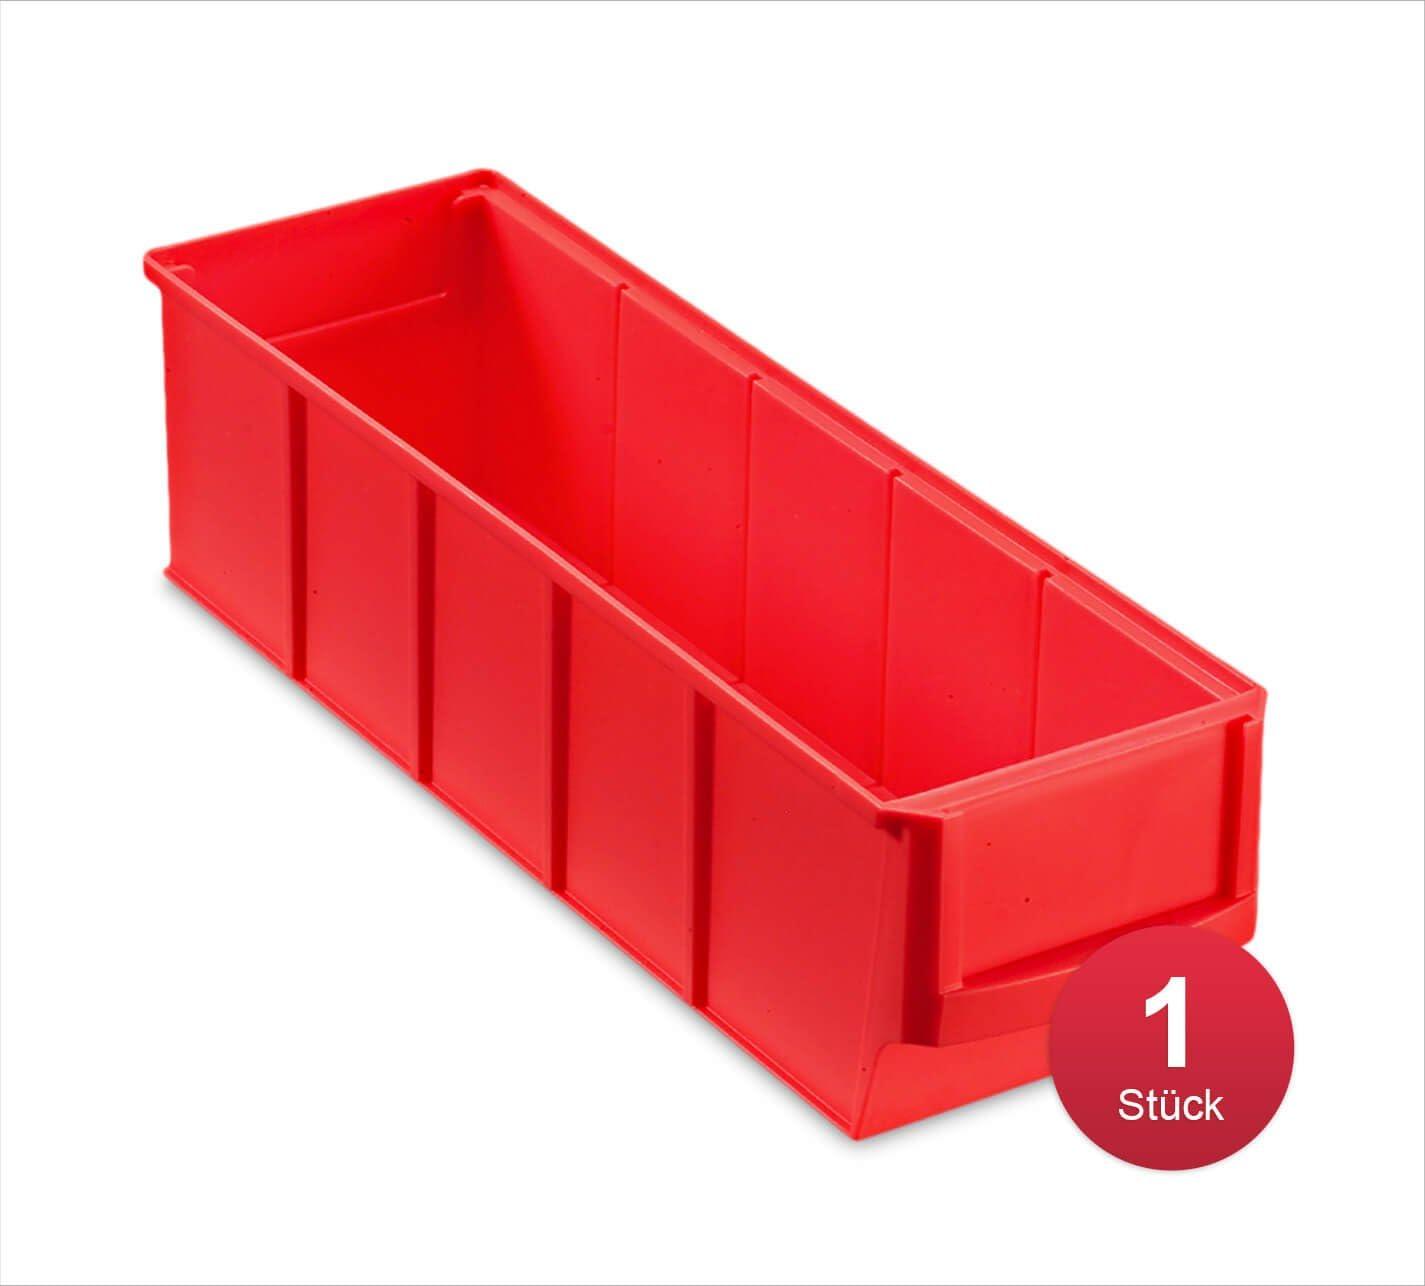 aidB Industriebox 300x183x81 mm robuste Aufbewahrungsbox aus Kunststoff breit ideal f/ür die Industrie blau stapelbare Lagerbox